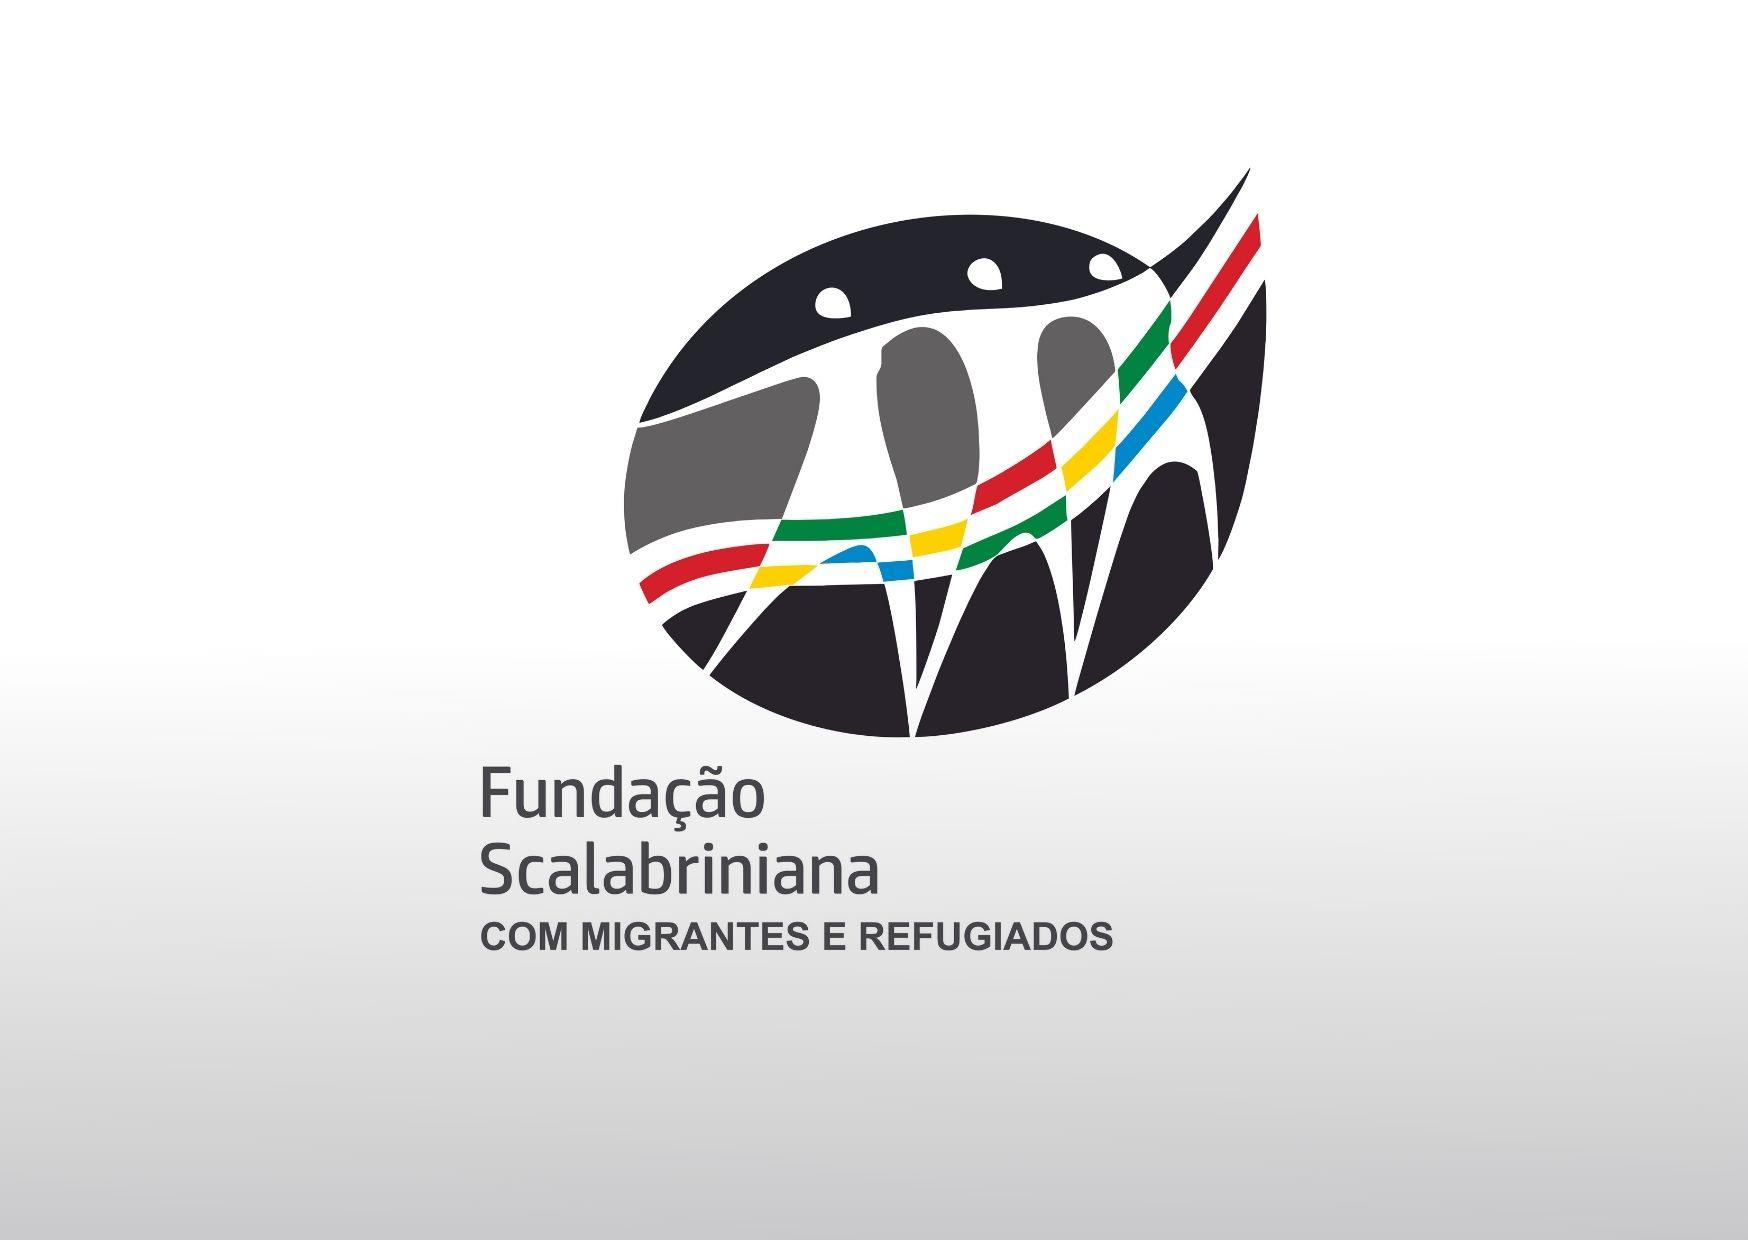 Fundação Scalabriniana: para melhor servir